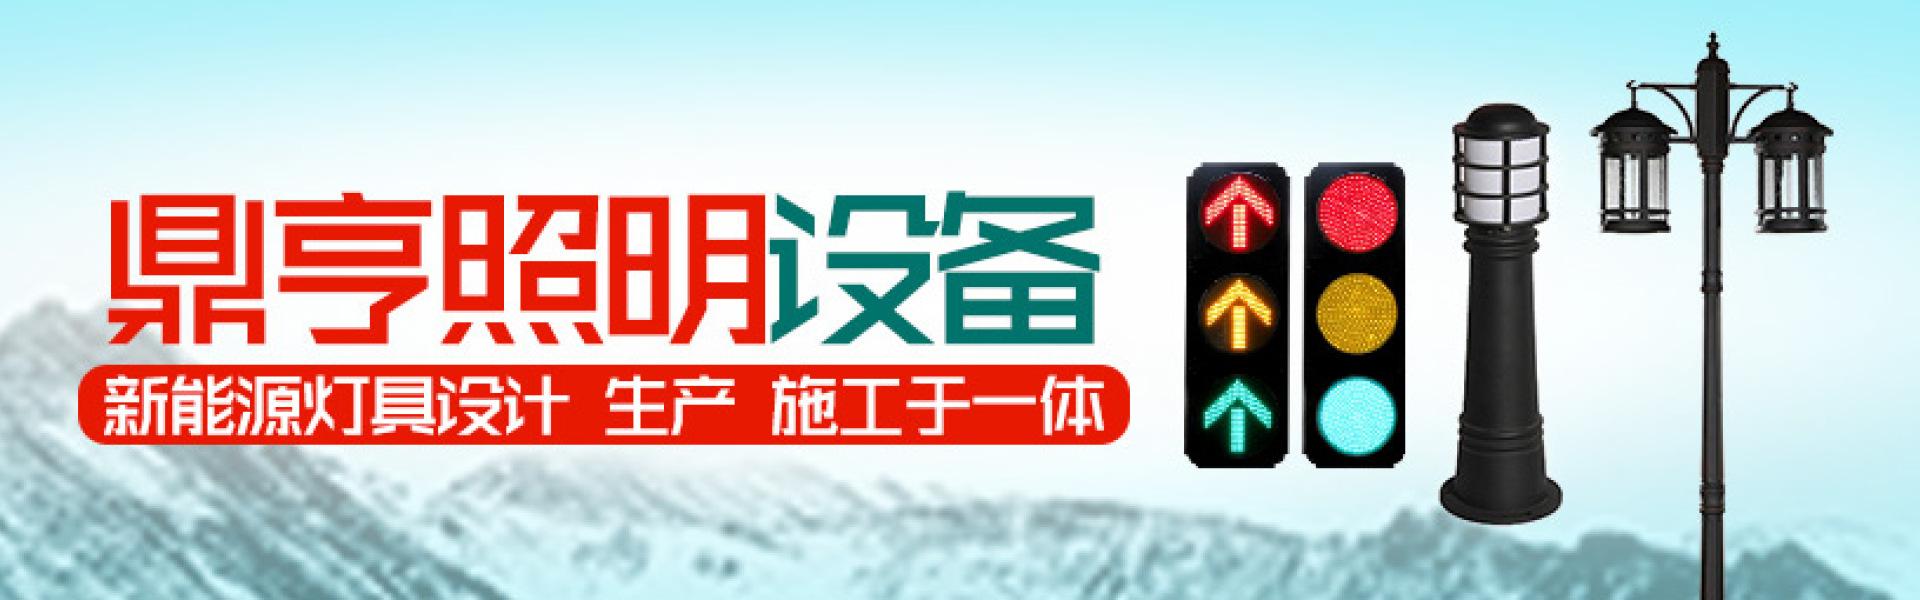 河北石家庄农村太阳能路灯生产厂家